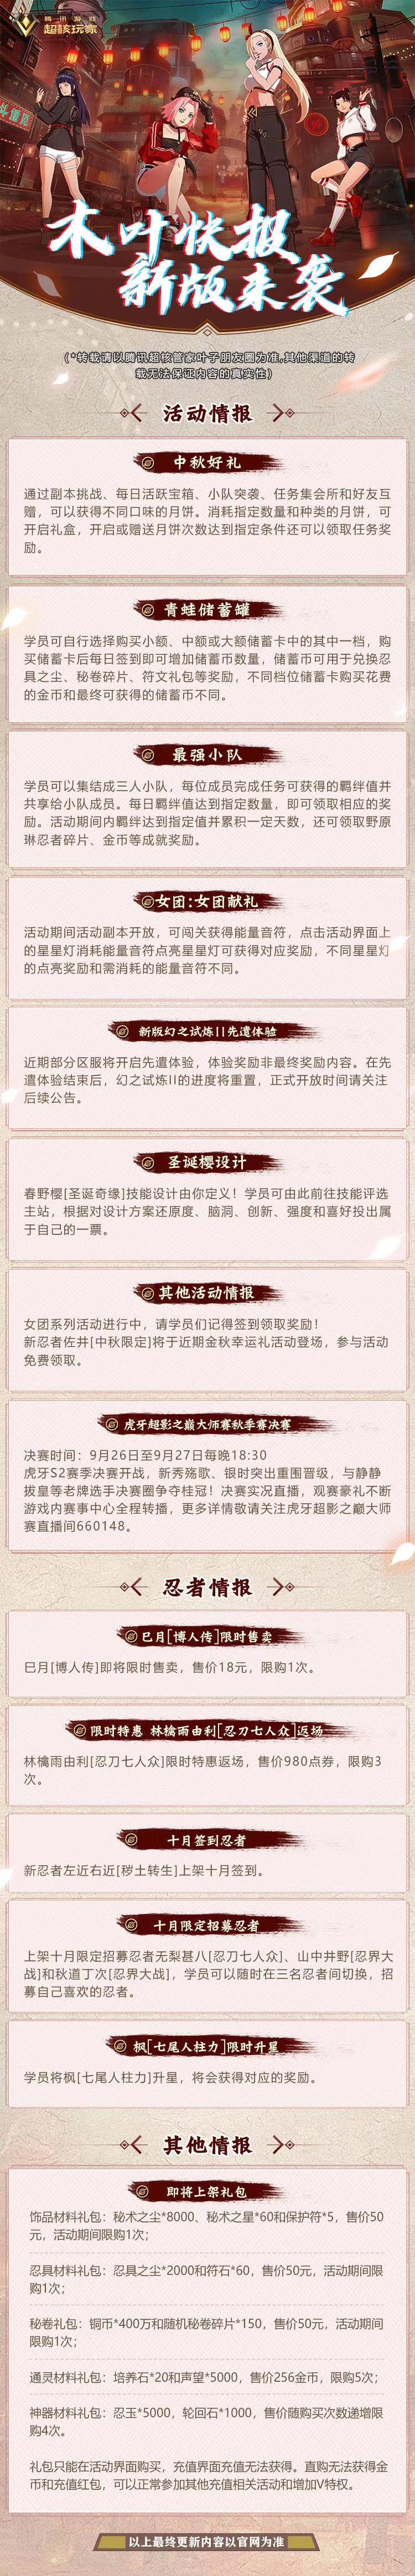 火影忍者手游9月24日木叶快报一览 最新木叶快报分享